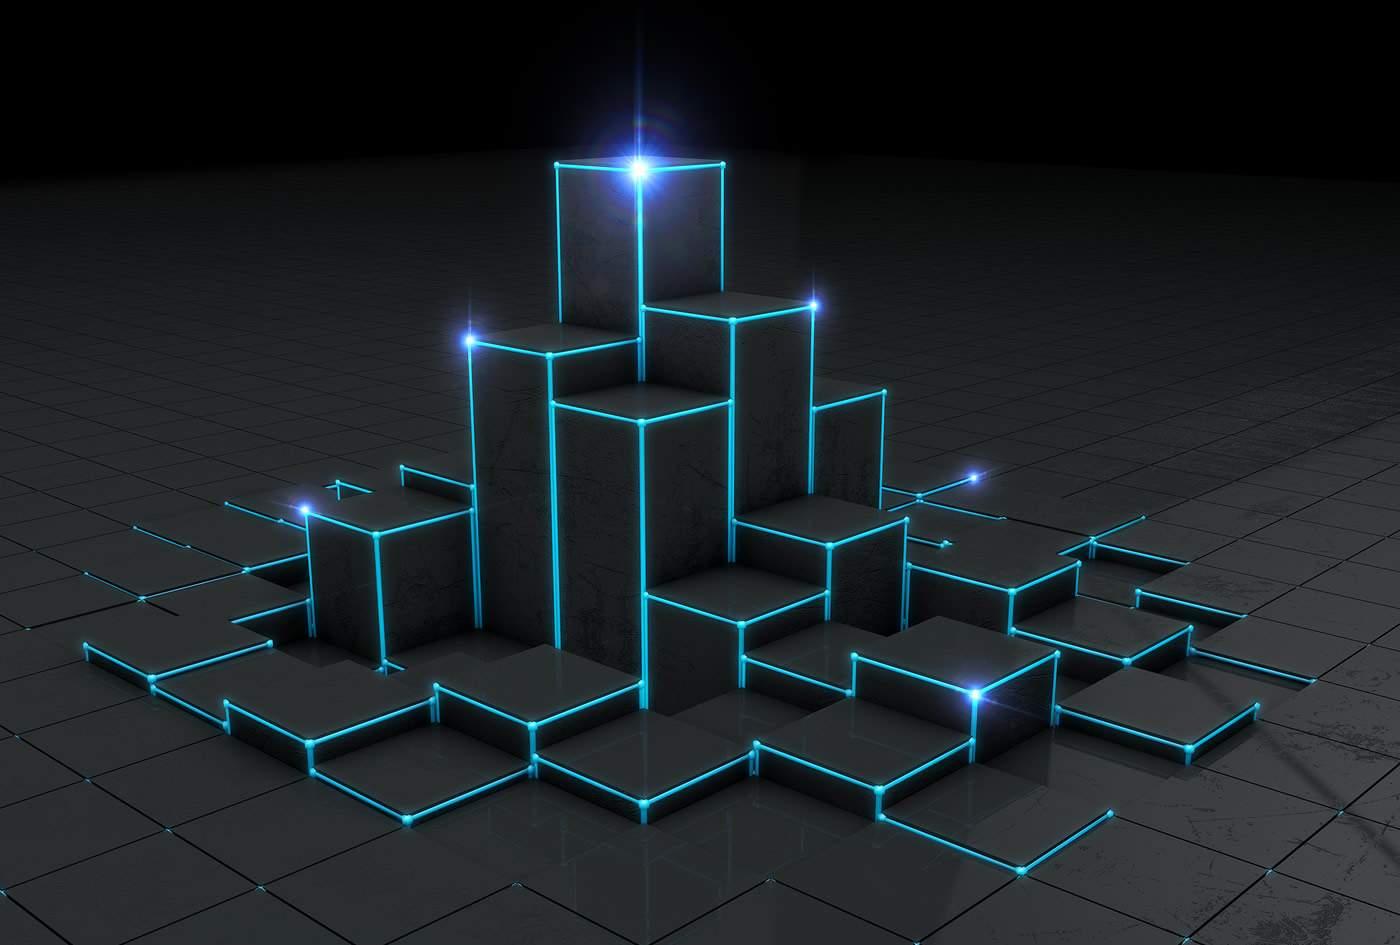 鼓捣币:区块链不仅是一种技术,更是一种思维方式